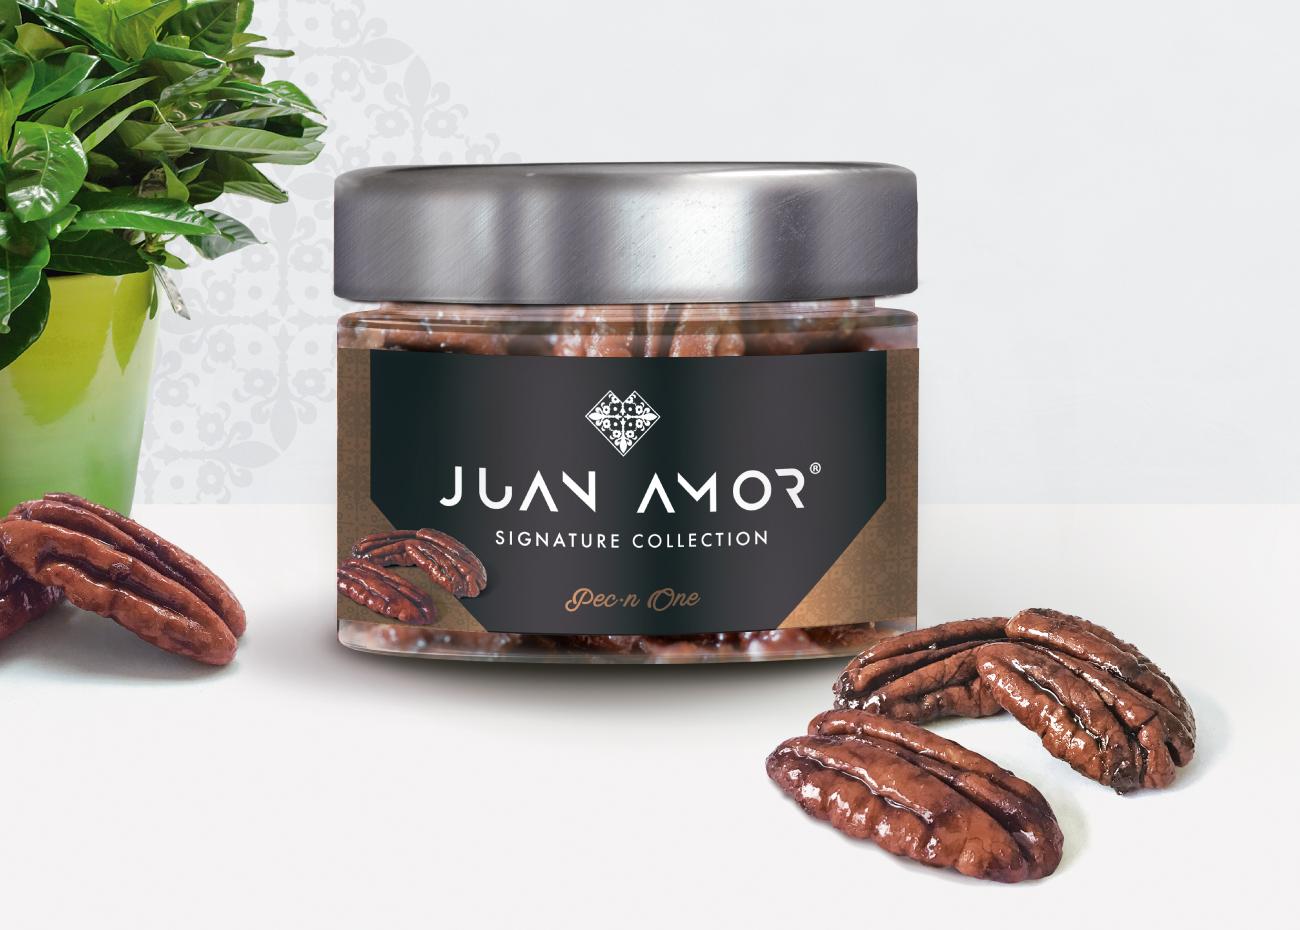 Juan Amor Pecan one